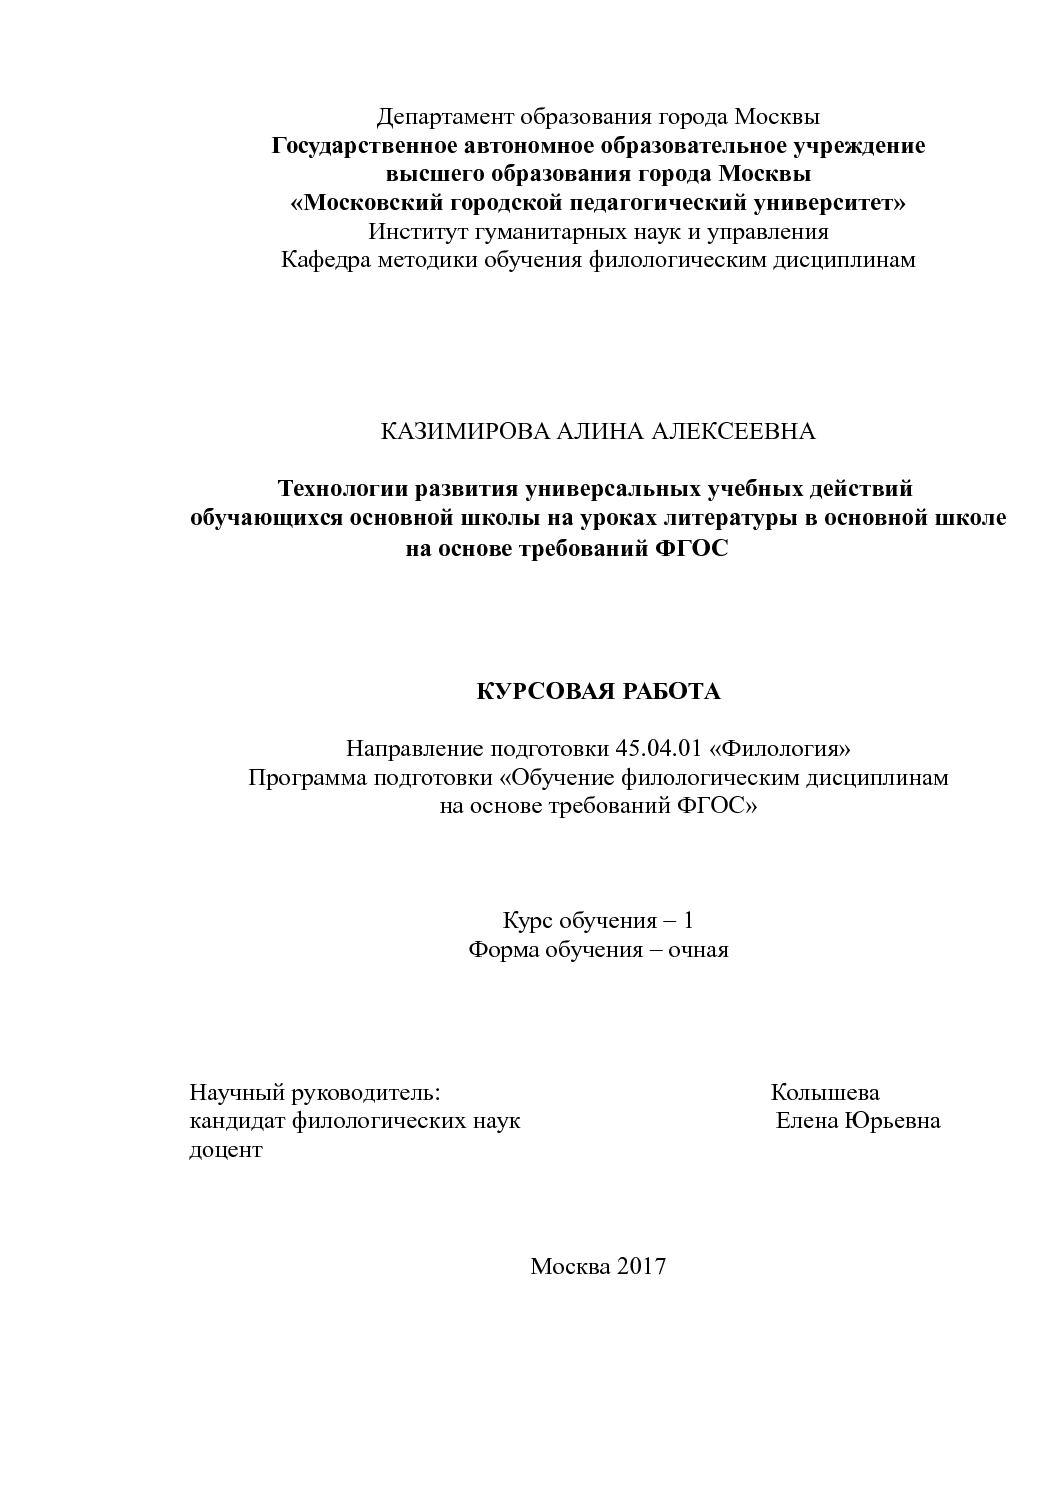 Курсовая работа девушка модель внеурочной деятельности ню девушка модель украина